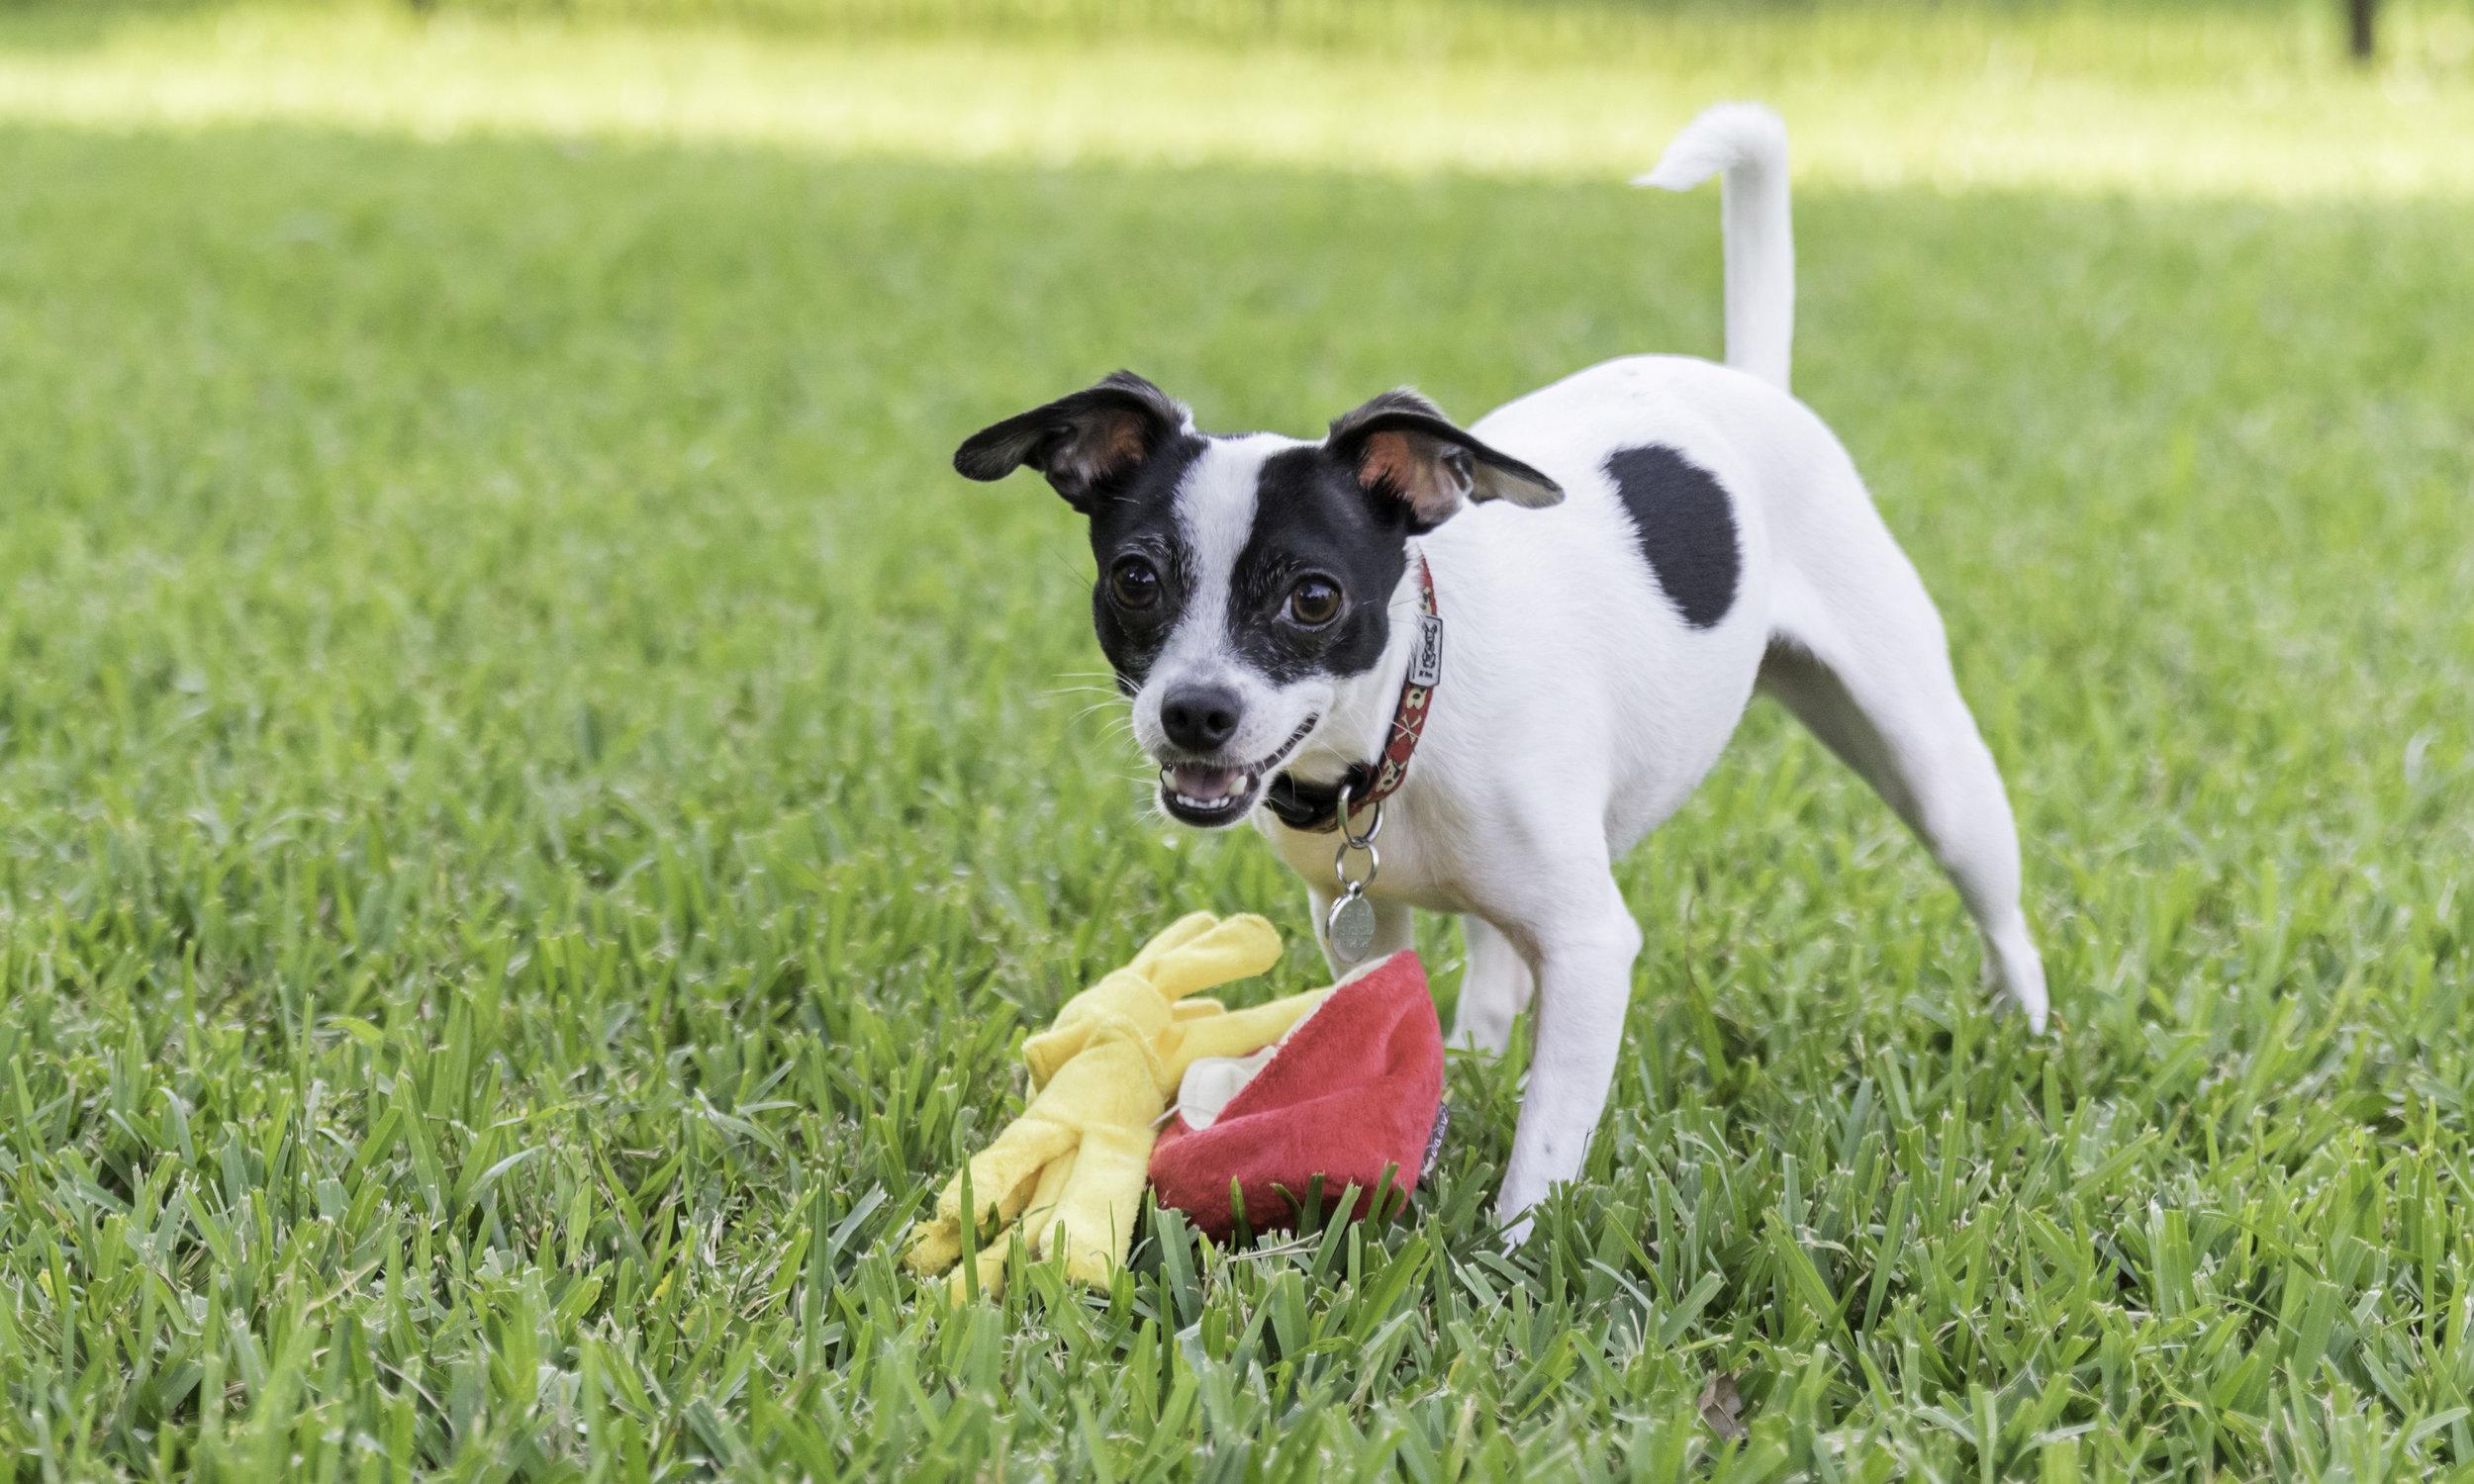 Stephanie Bennett Dog Puppy Training | Behavior Modification Potty Training | Houston TX_FC_7903 resized (1).jpg